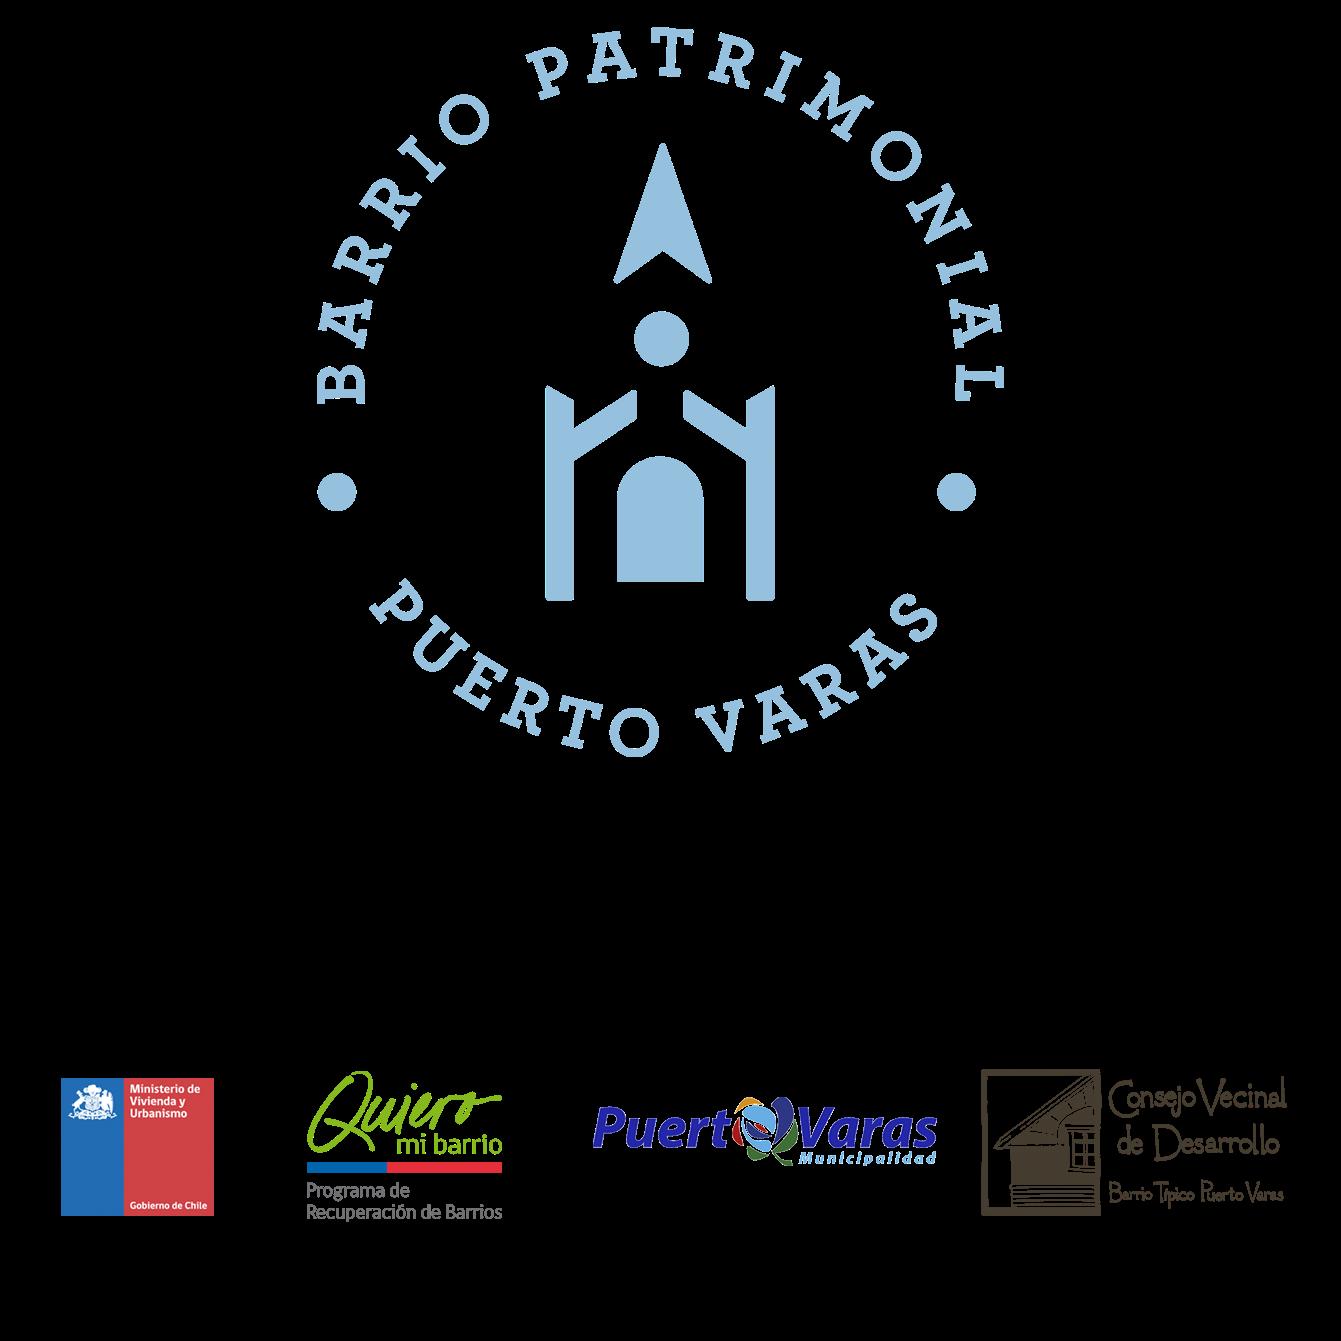 BARRIO PATRIMONIAL PUERTO VARAS                  .-